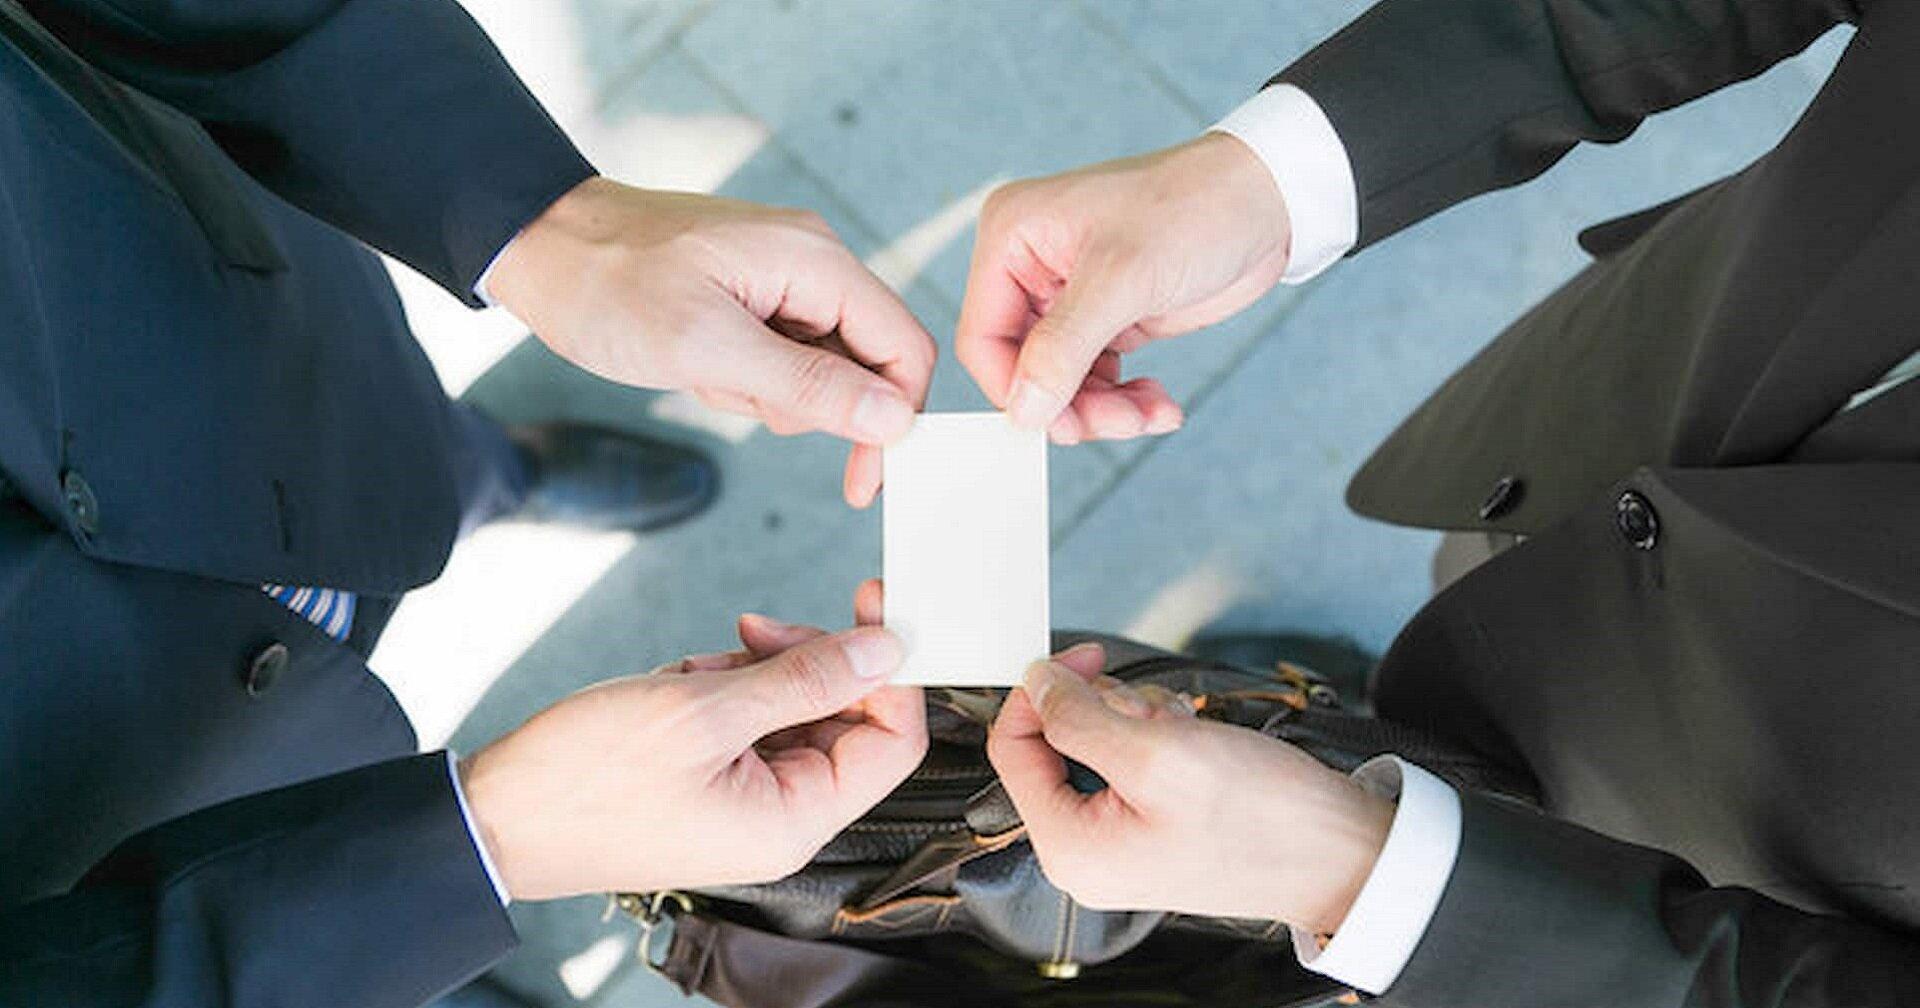 ビジネスマナー研修とは? カリキュラムや種類、メリットについて